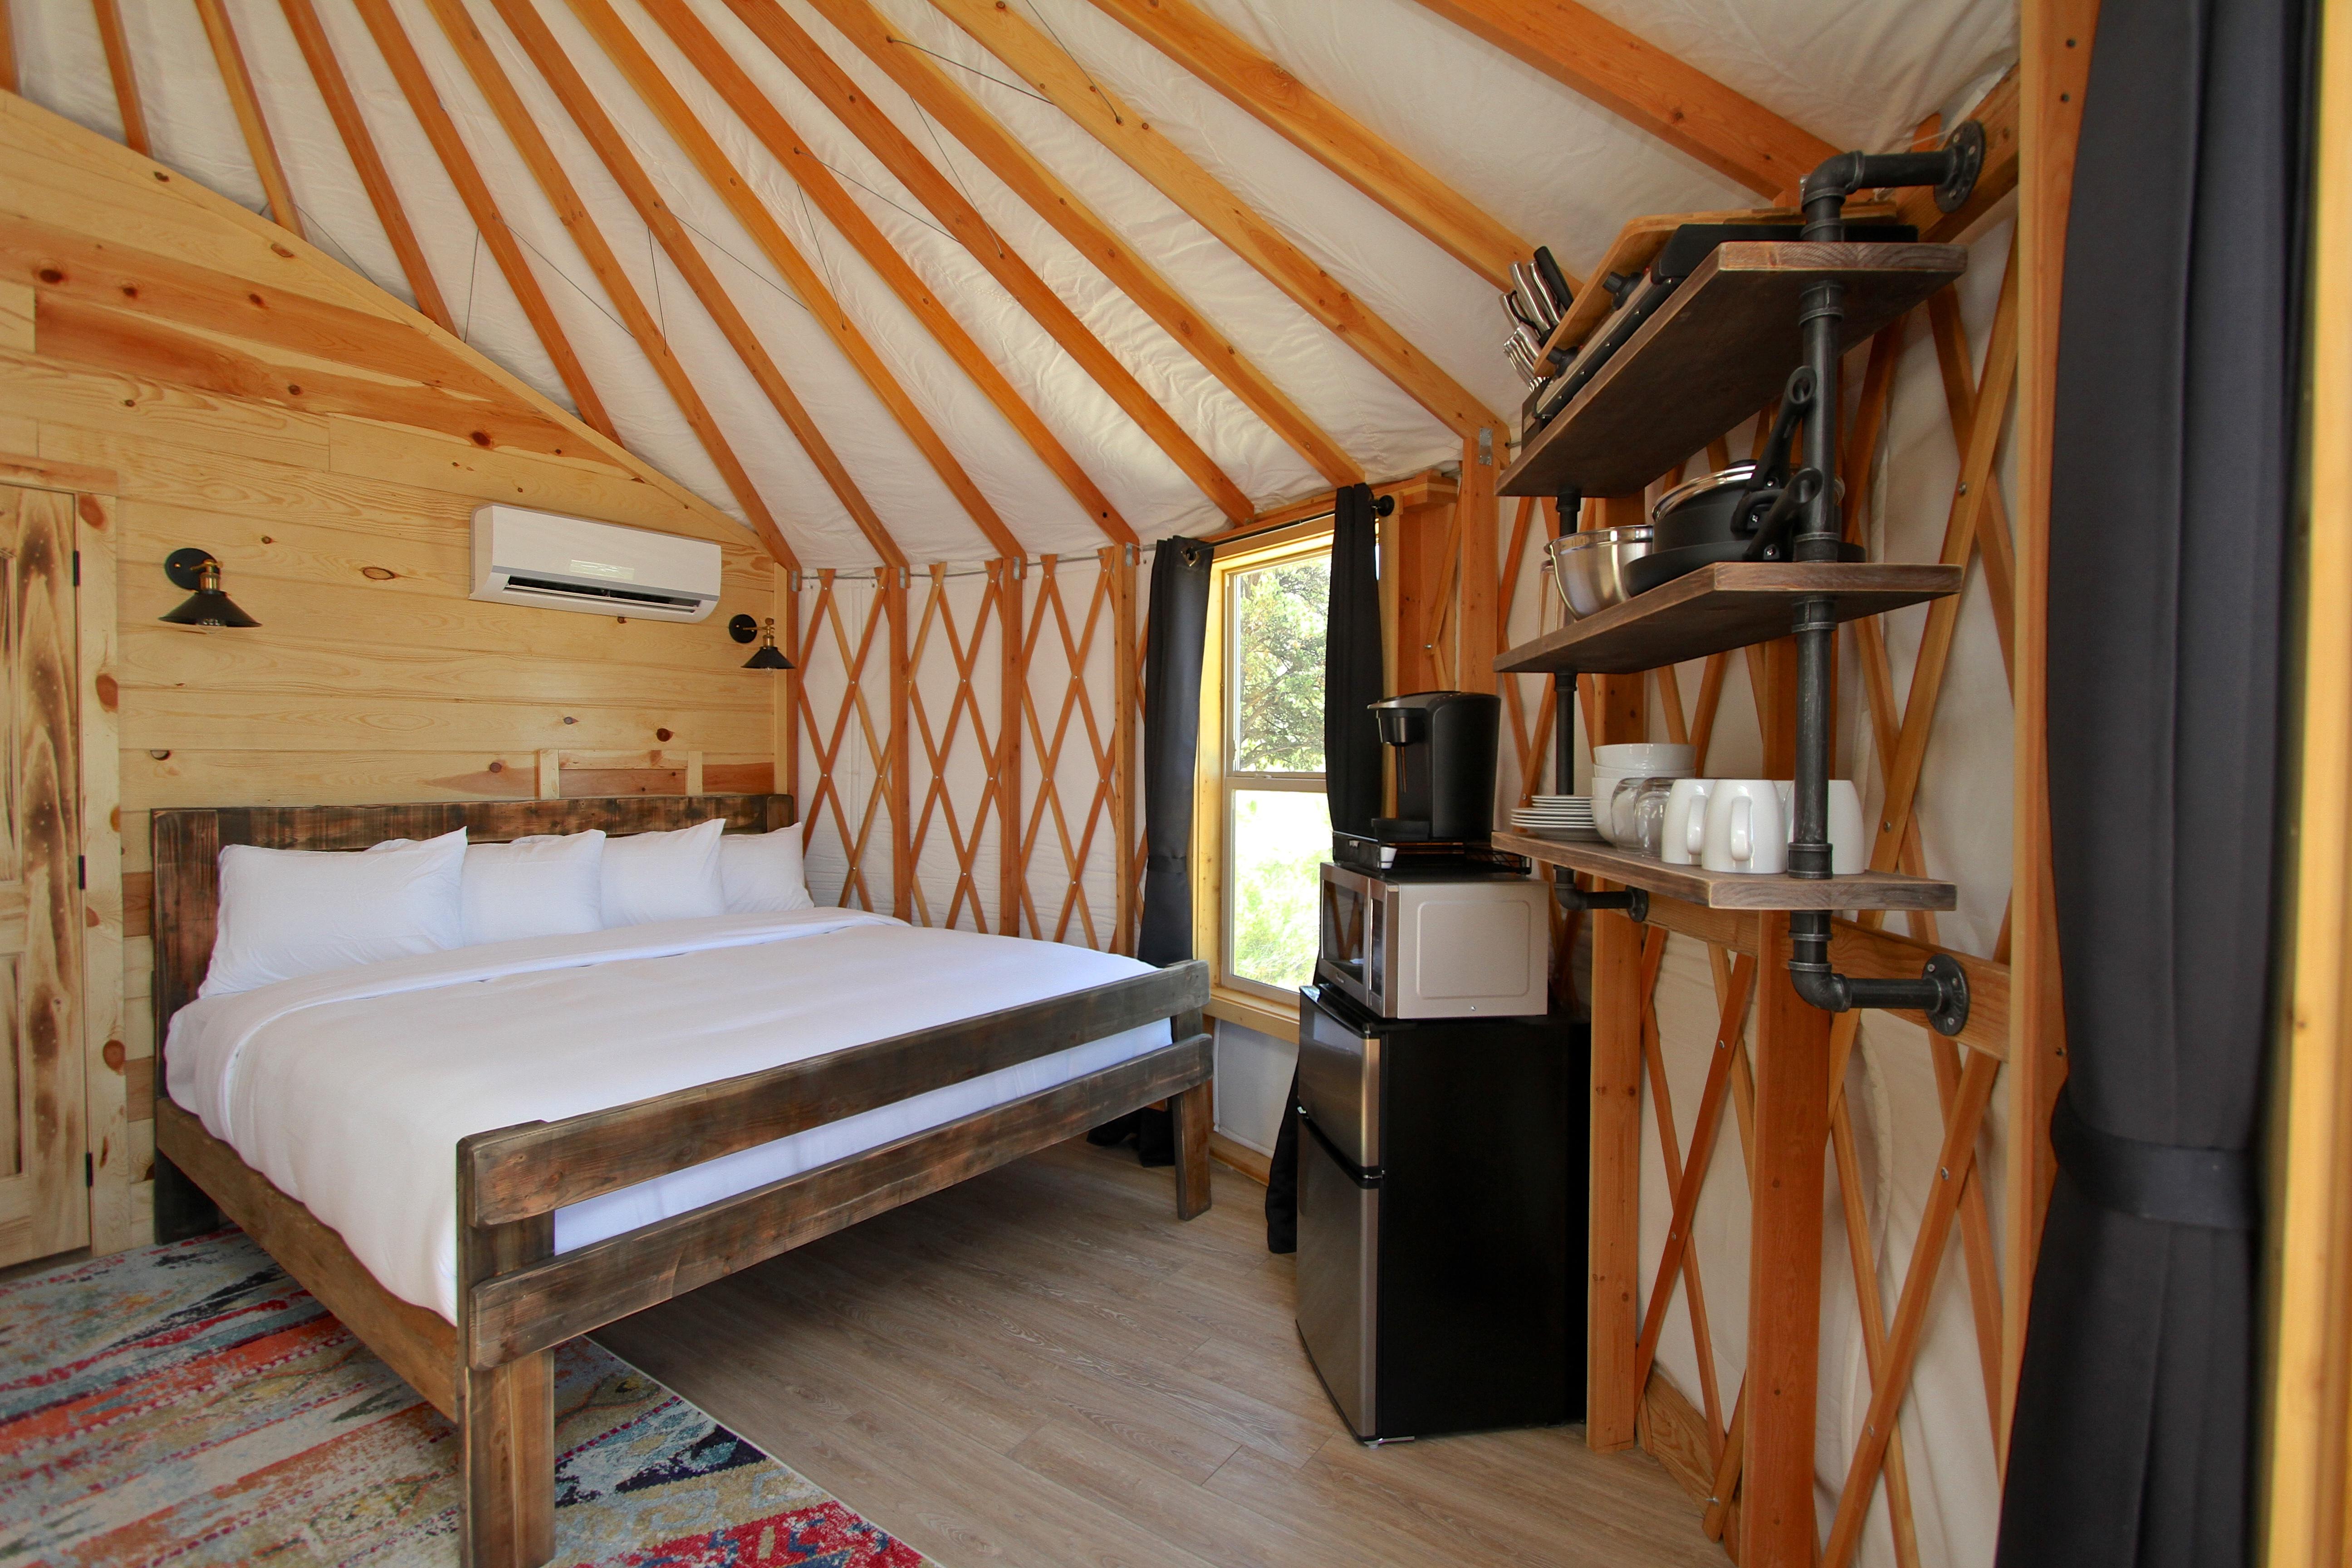 Yurt King Bed